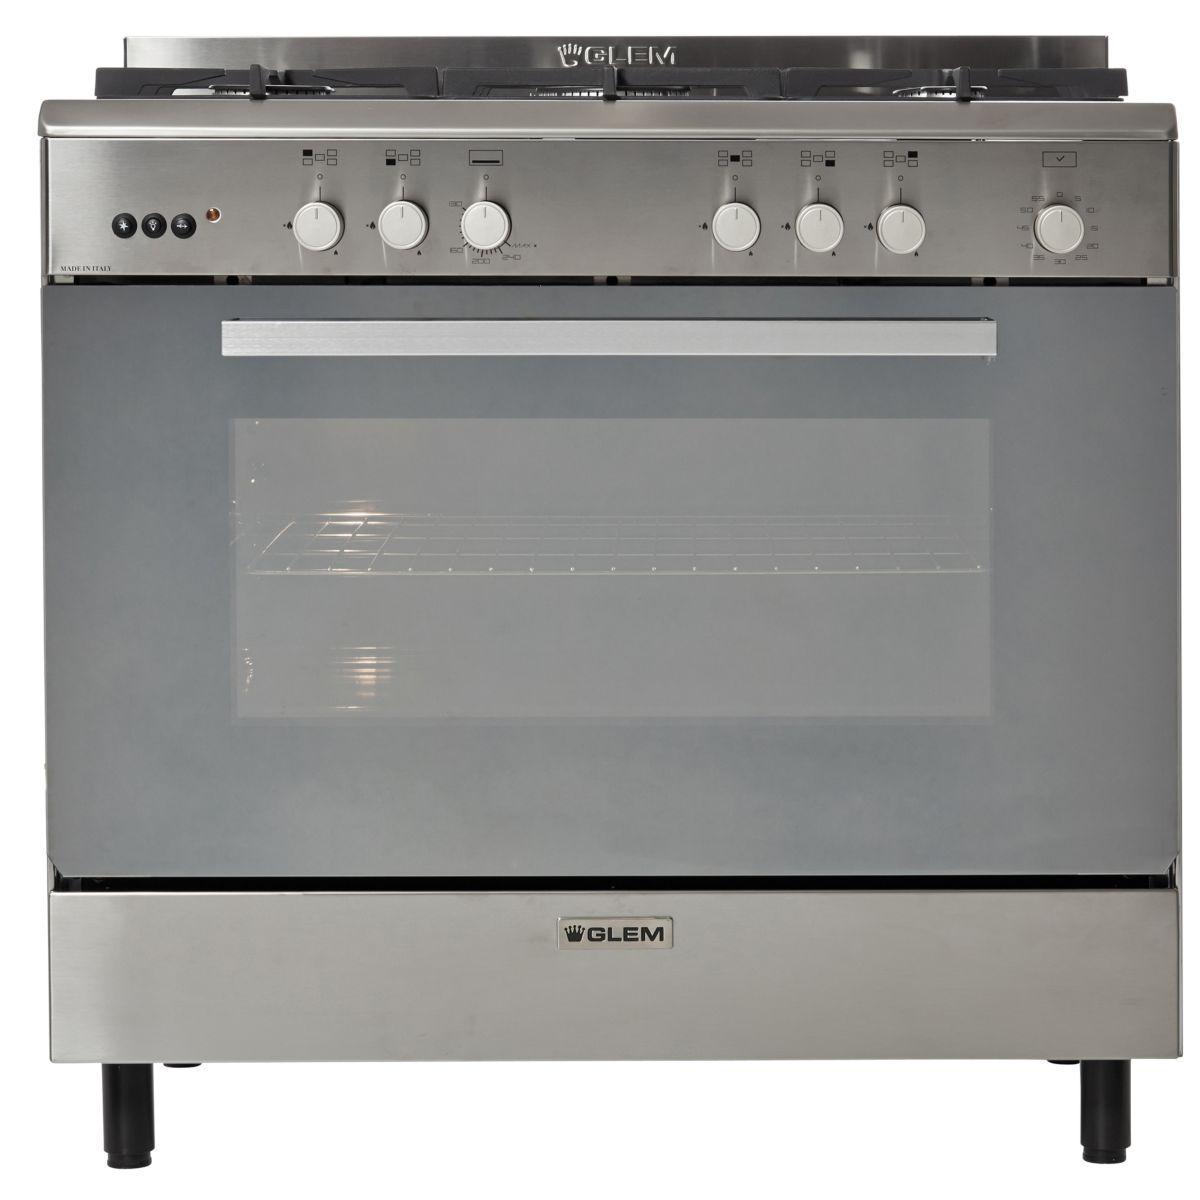 Piano de cuisson gaz glem ge960cmix - 20% de remise imm�diate avec le code : gam20 (photo)